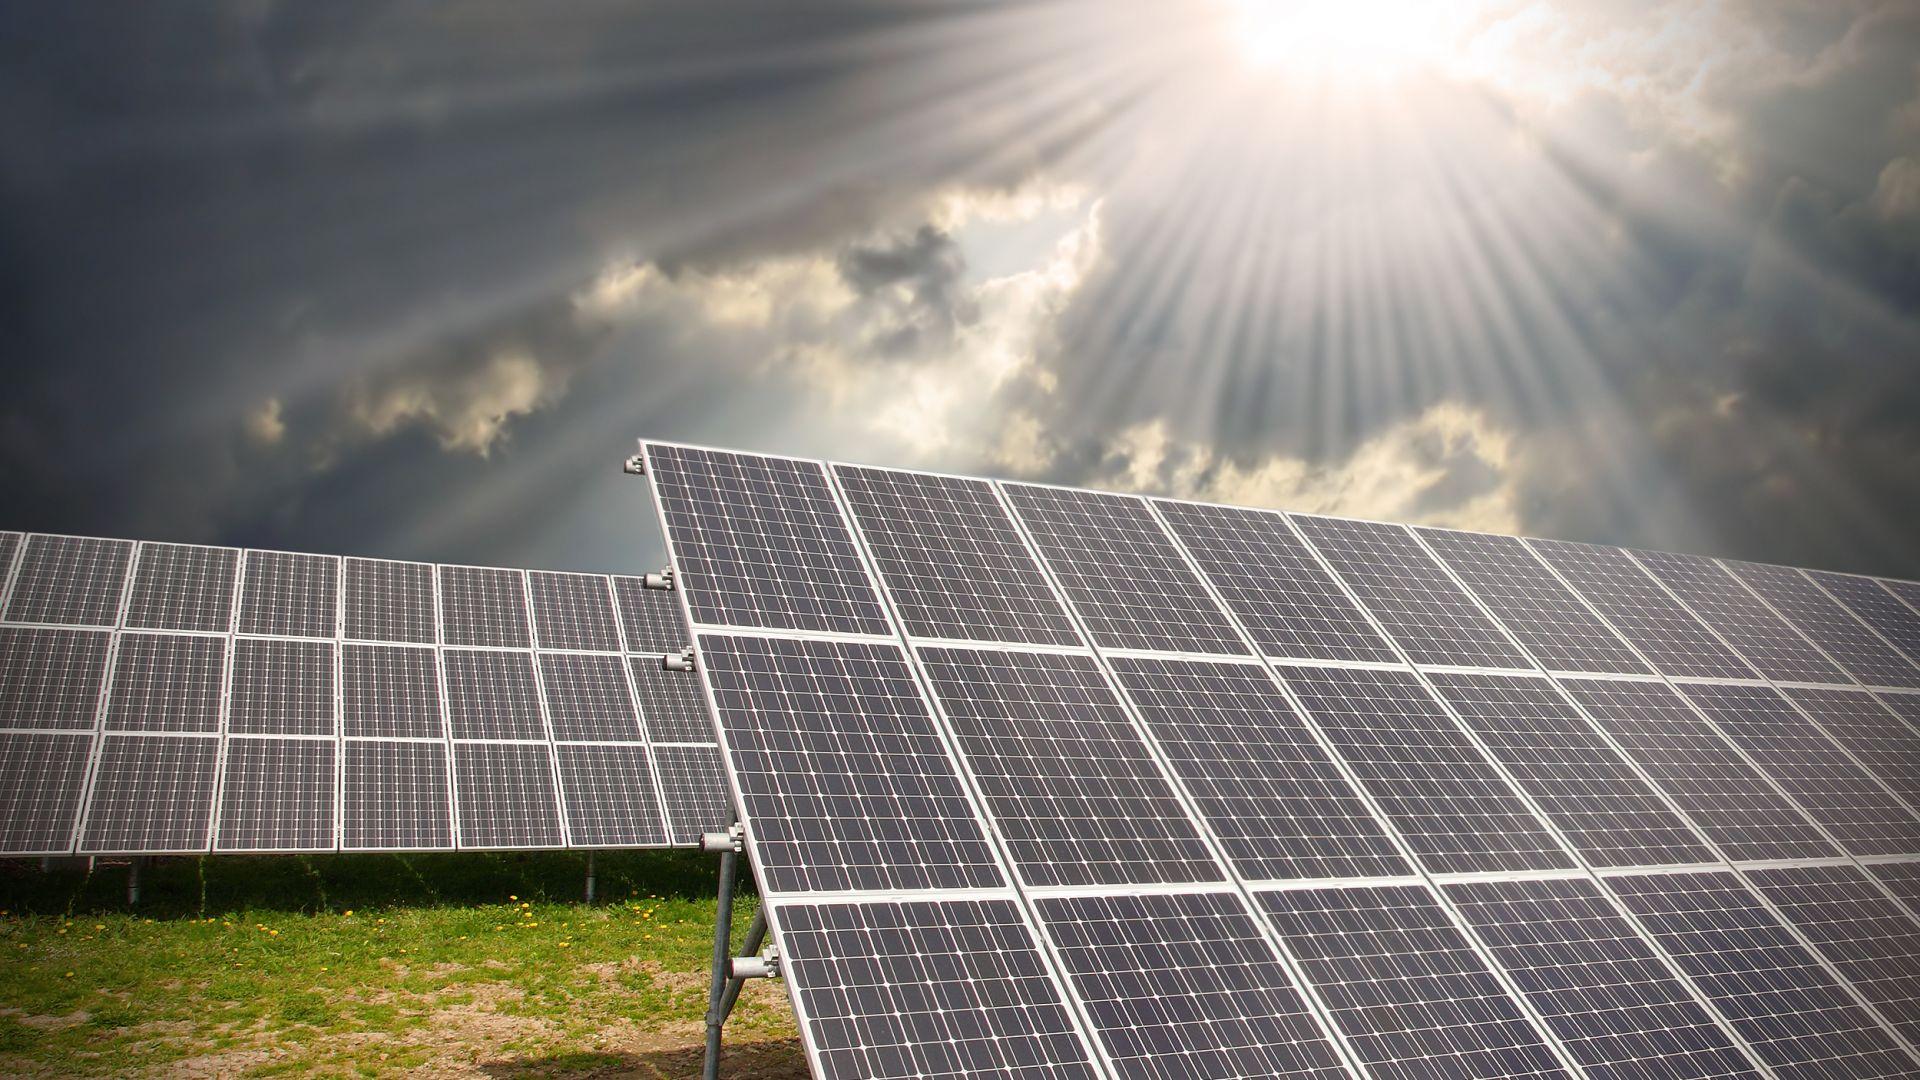 Как ще повлияят климатичните промени върху производството на фотоволтаичните централи?